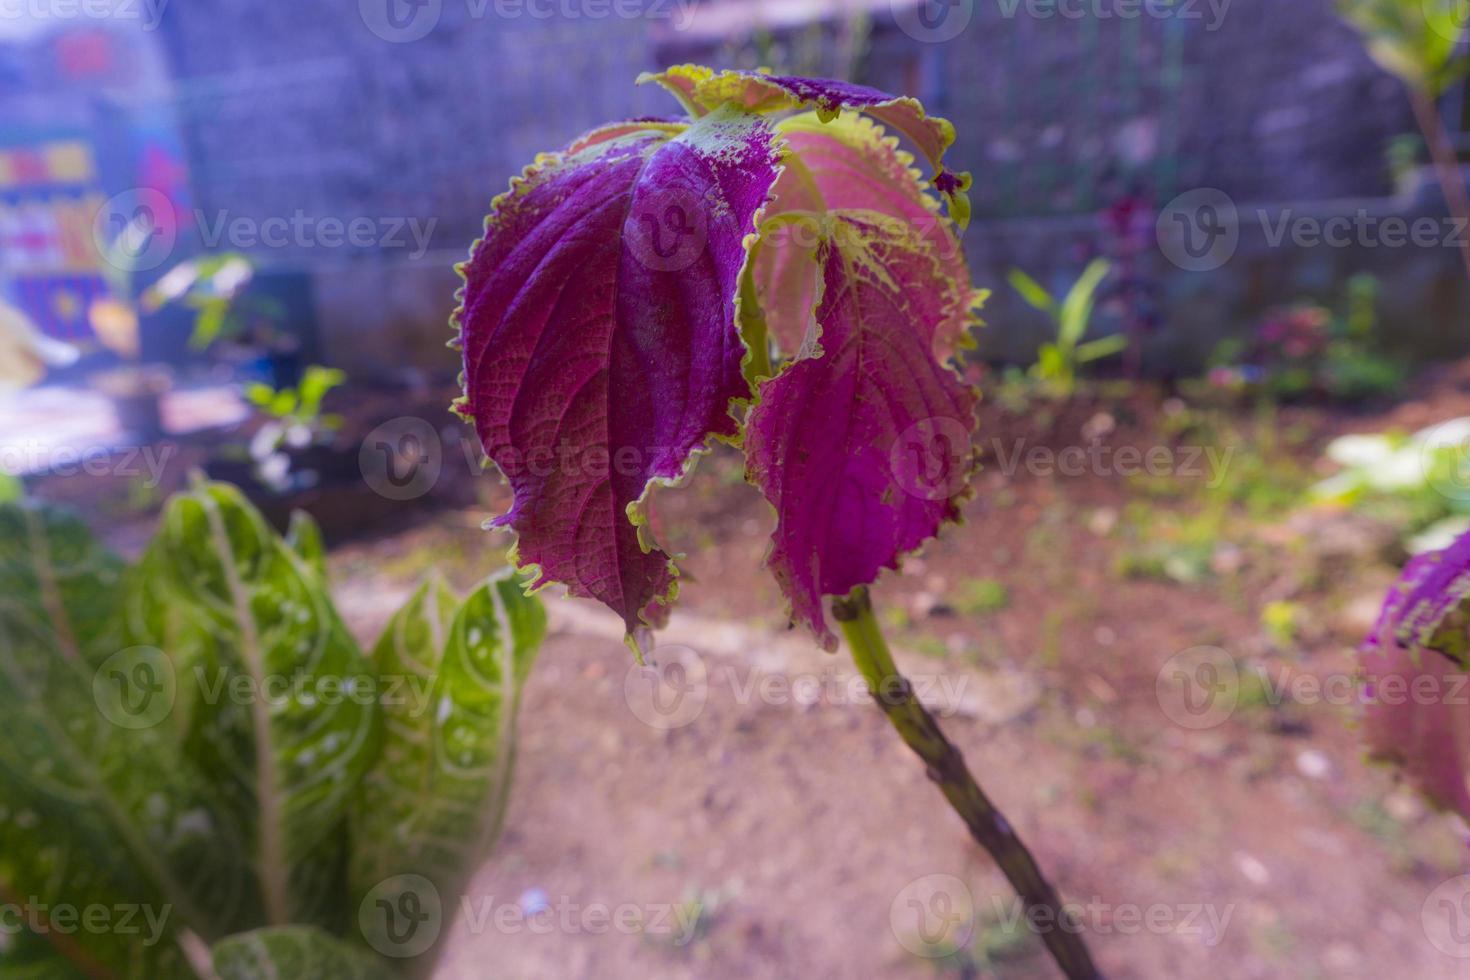 vacker utsikt över miana coleus växt foto